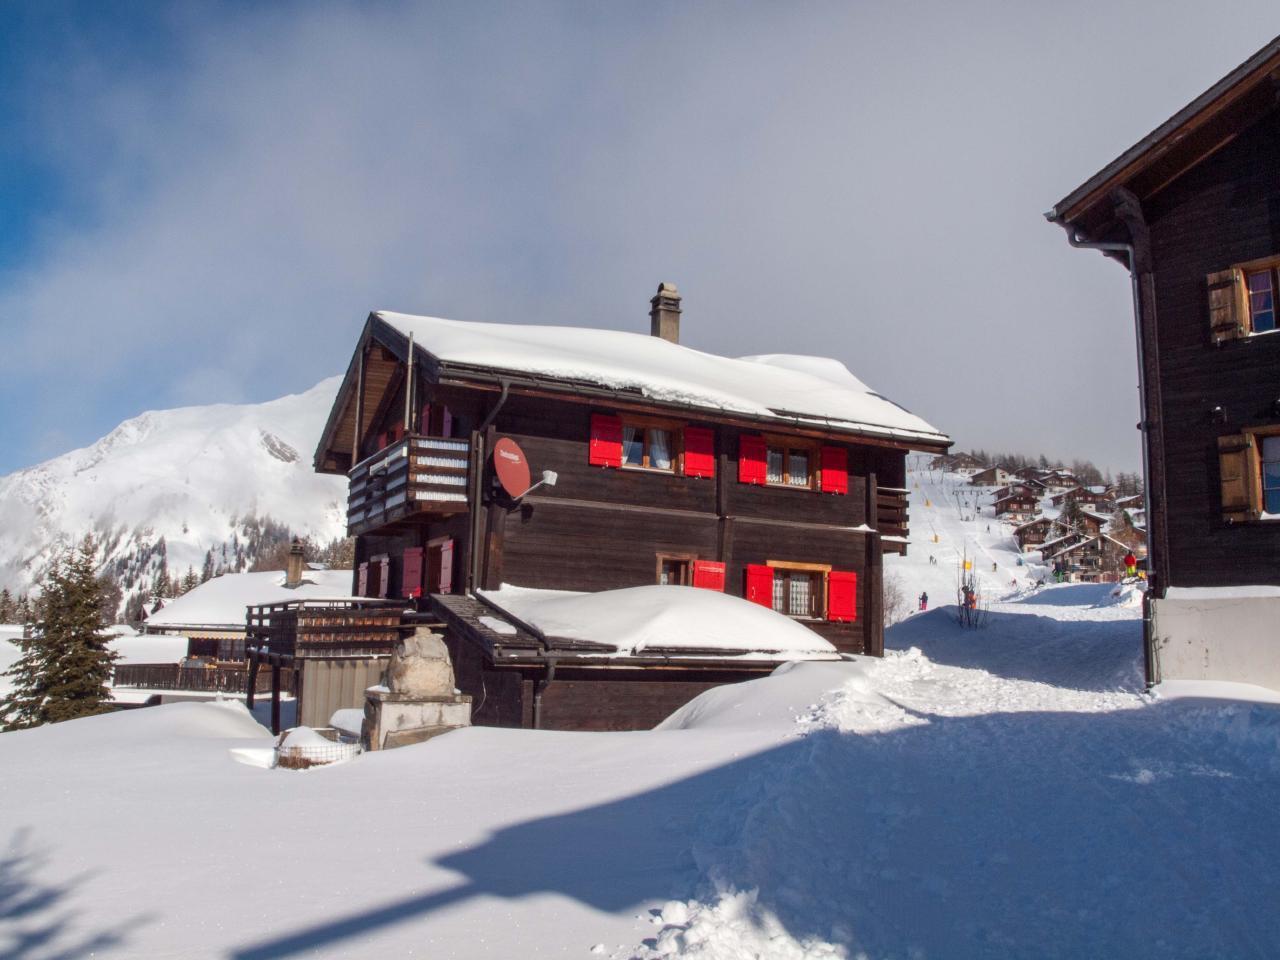 Ferienwohnung Urchiges Walliserchalet auf Rosswald | Alphütte OG (2171131), Rosswald, Brig - Simplon, Wallis, Schweiz, Bild 16